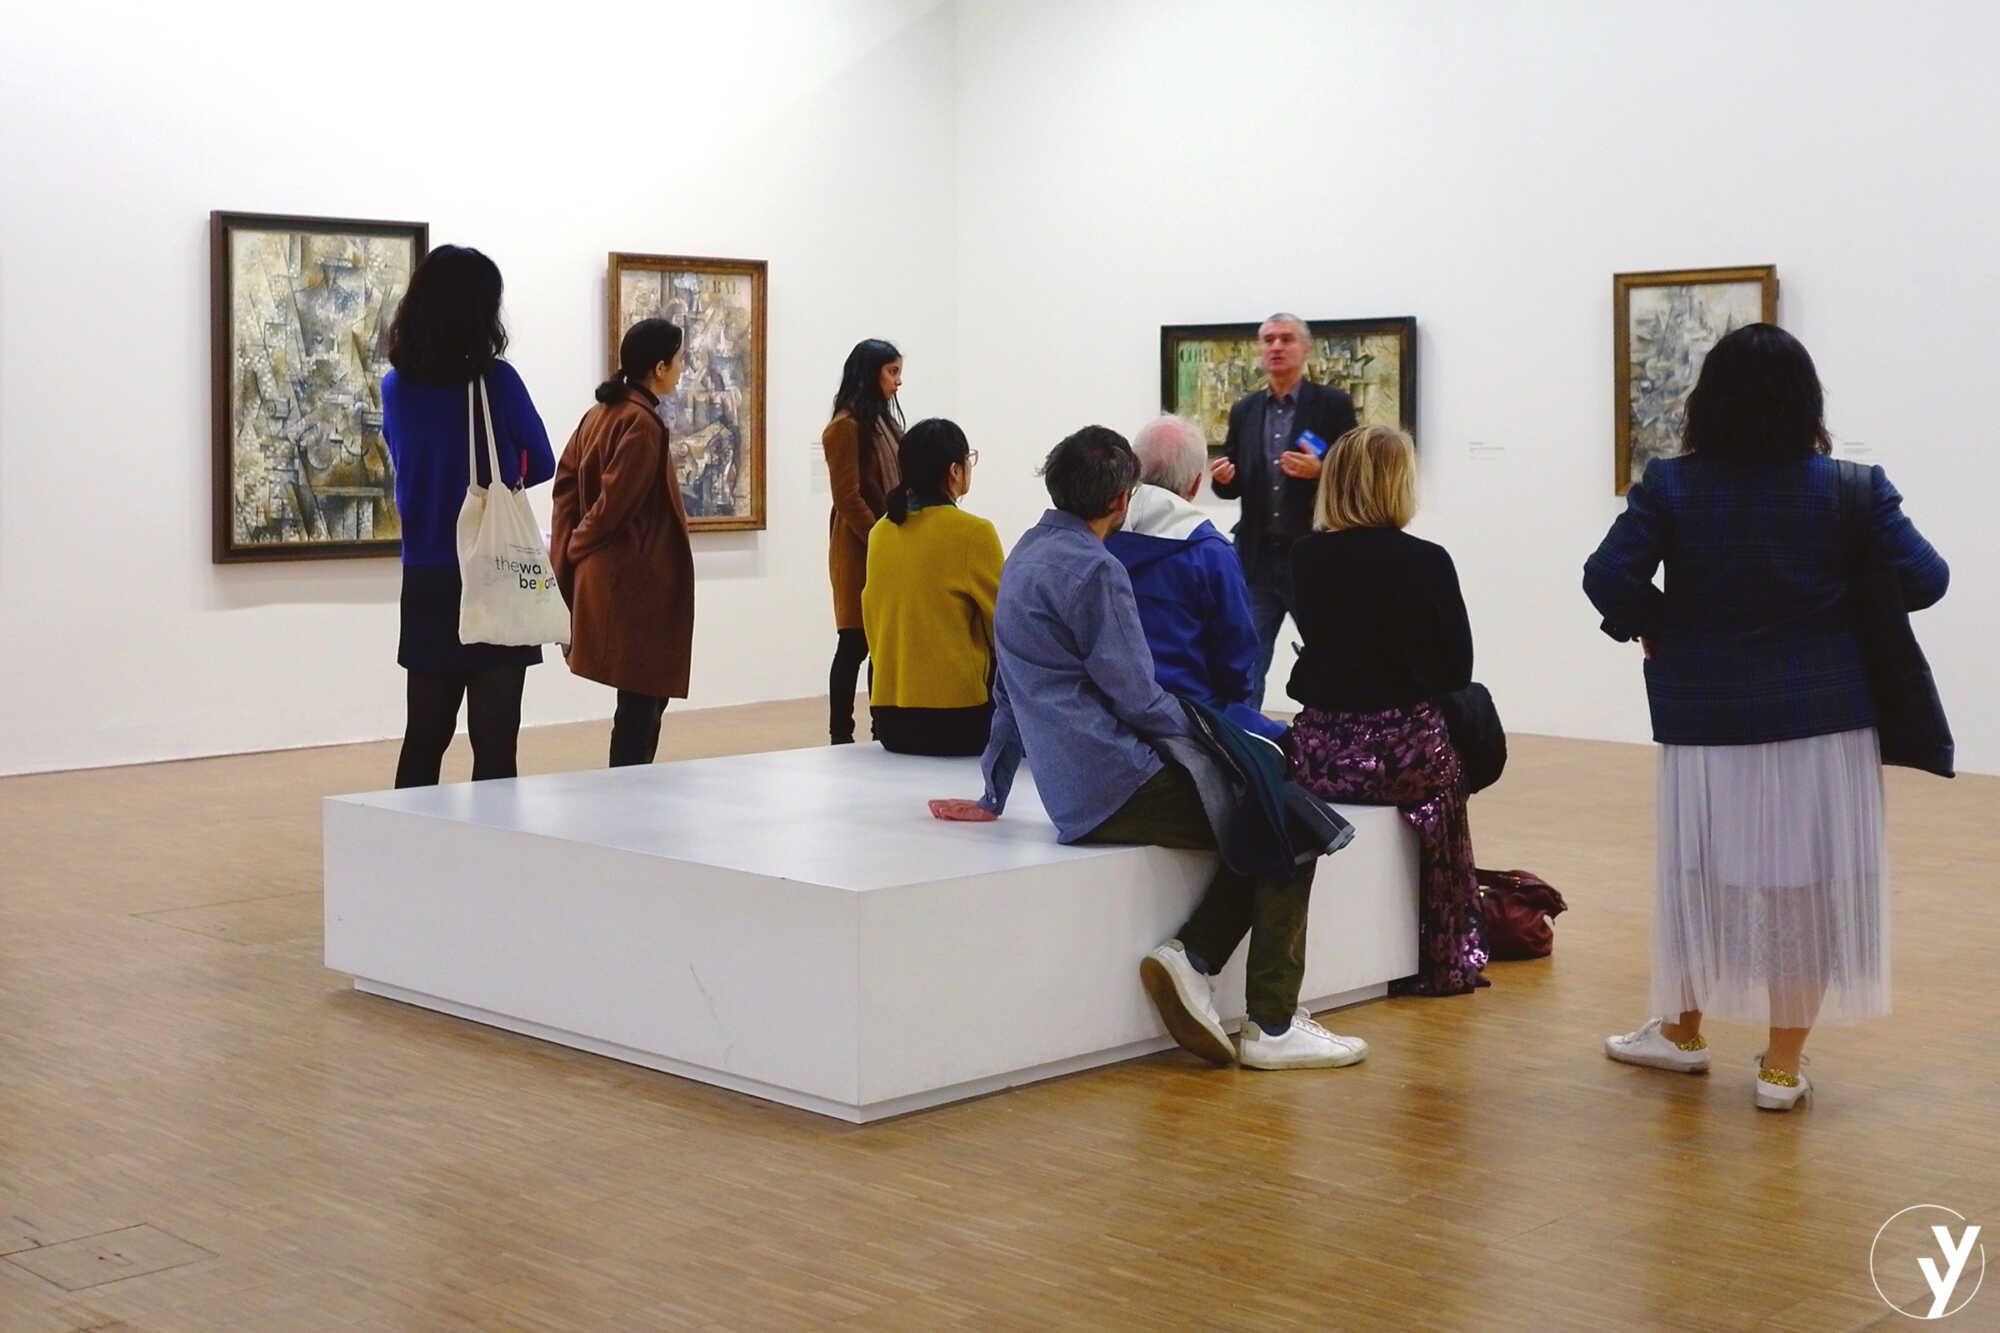 Visite de l'exposition Cubismes au Centre Pompidou, 01/12/2018 © TheWaysBeyond 2018